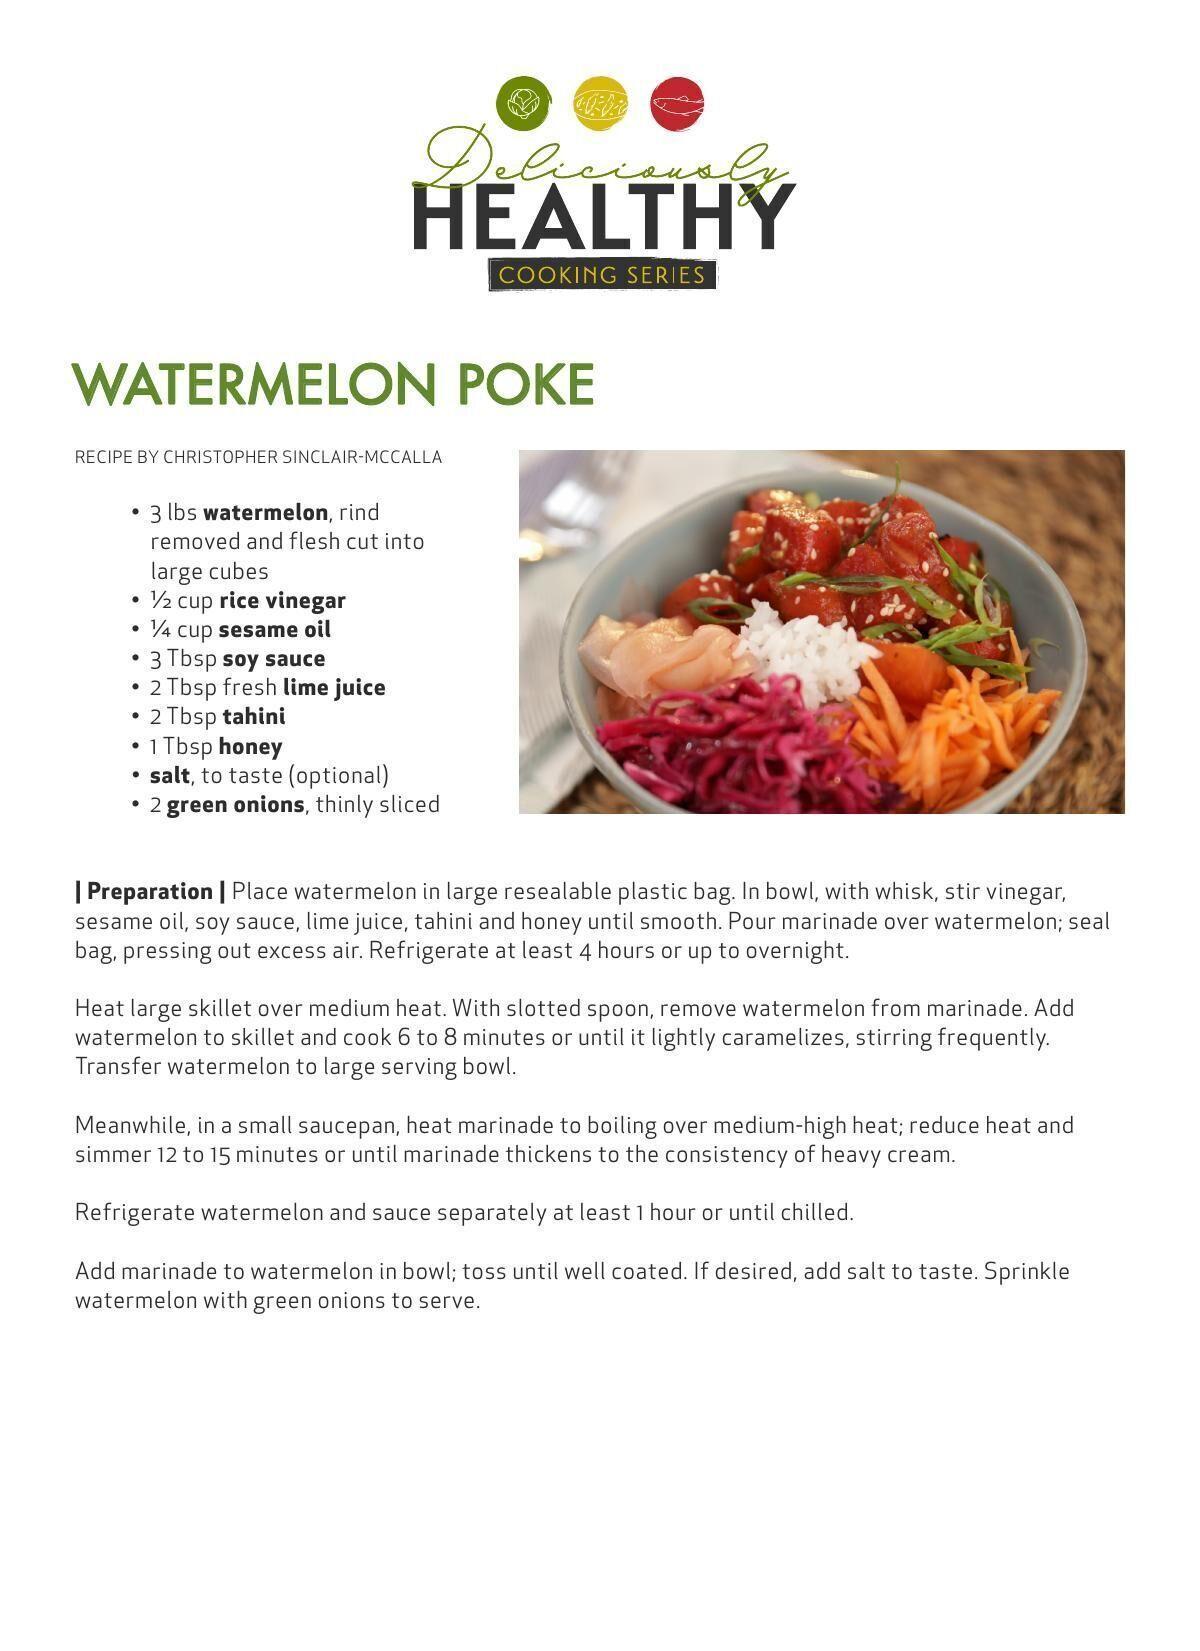 Download the watermelon poke recipe